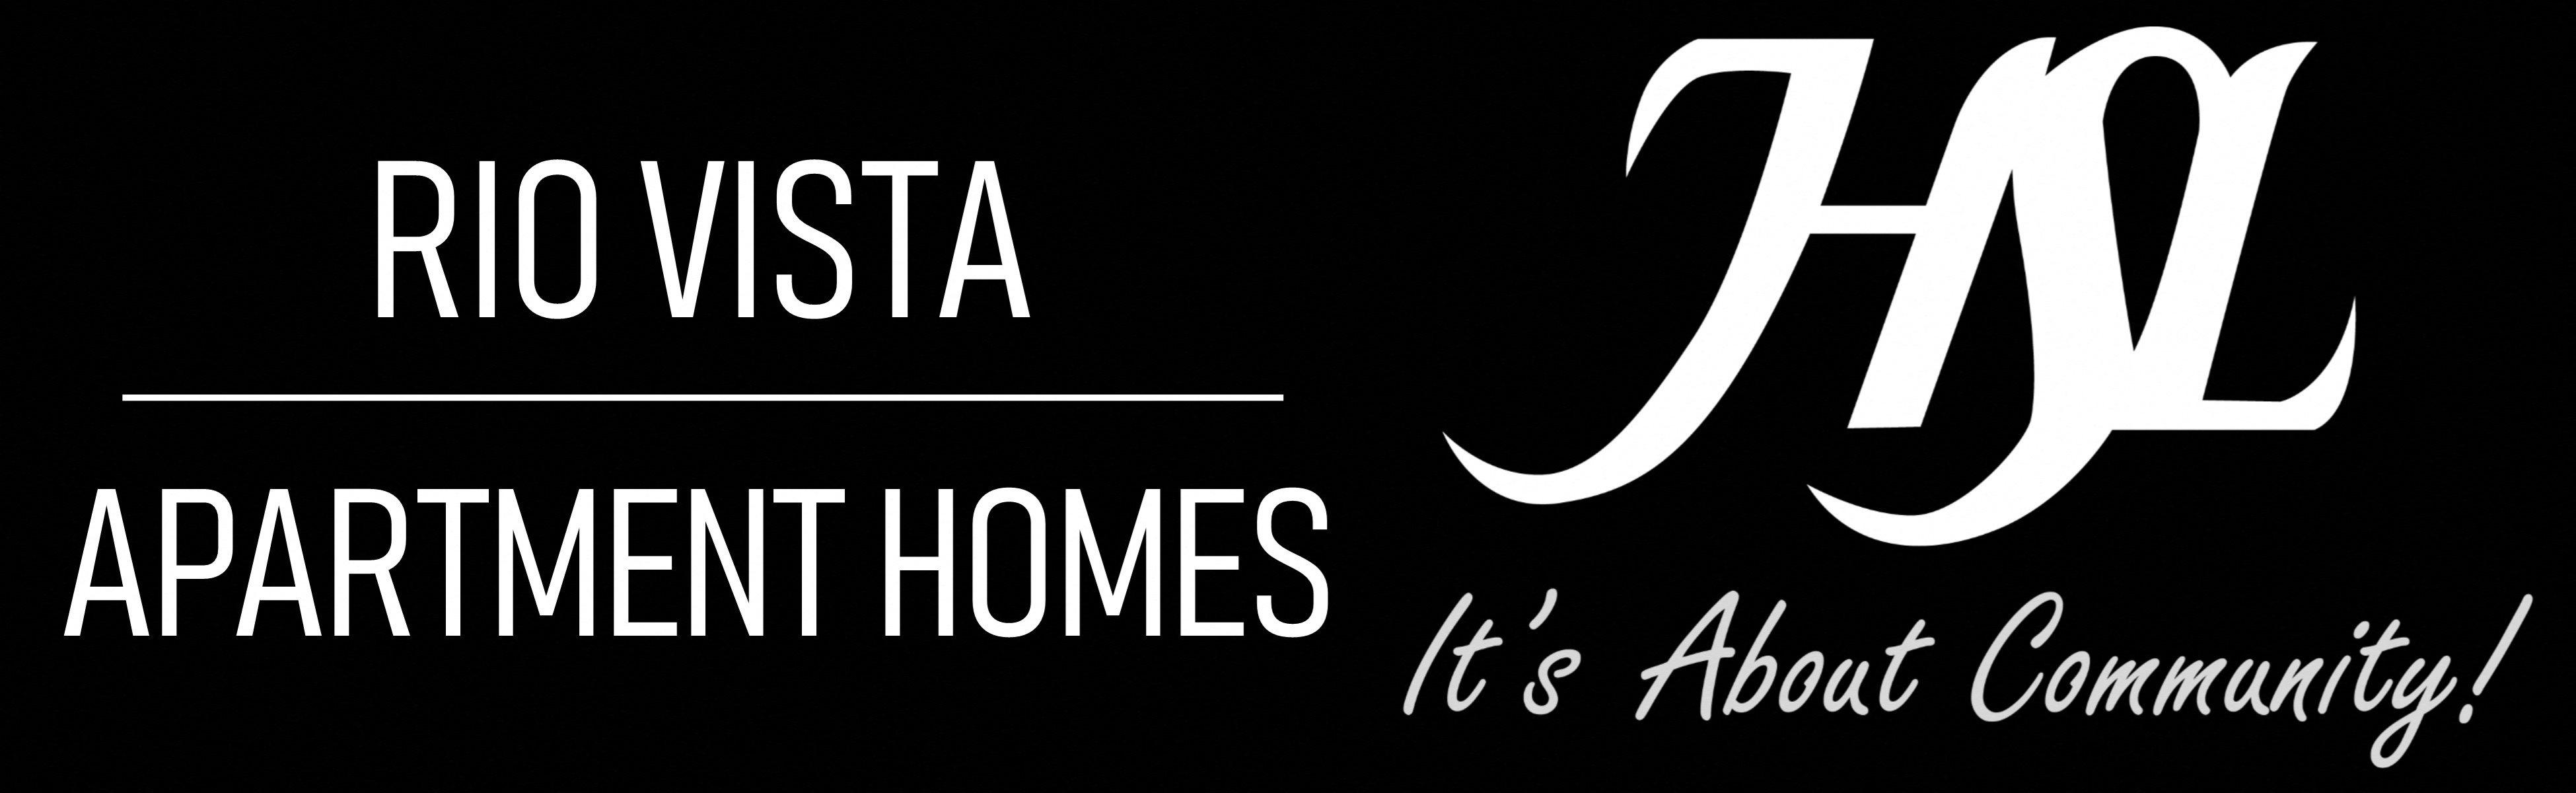 Rio Vista Apartment Homes Logo